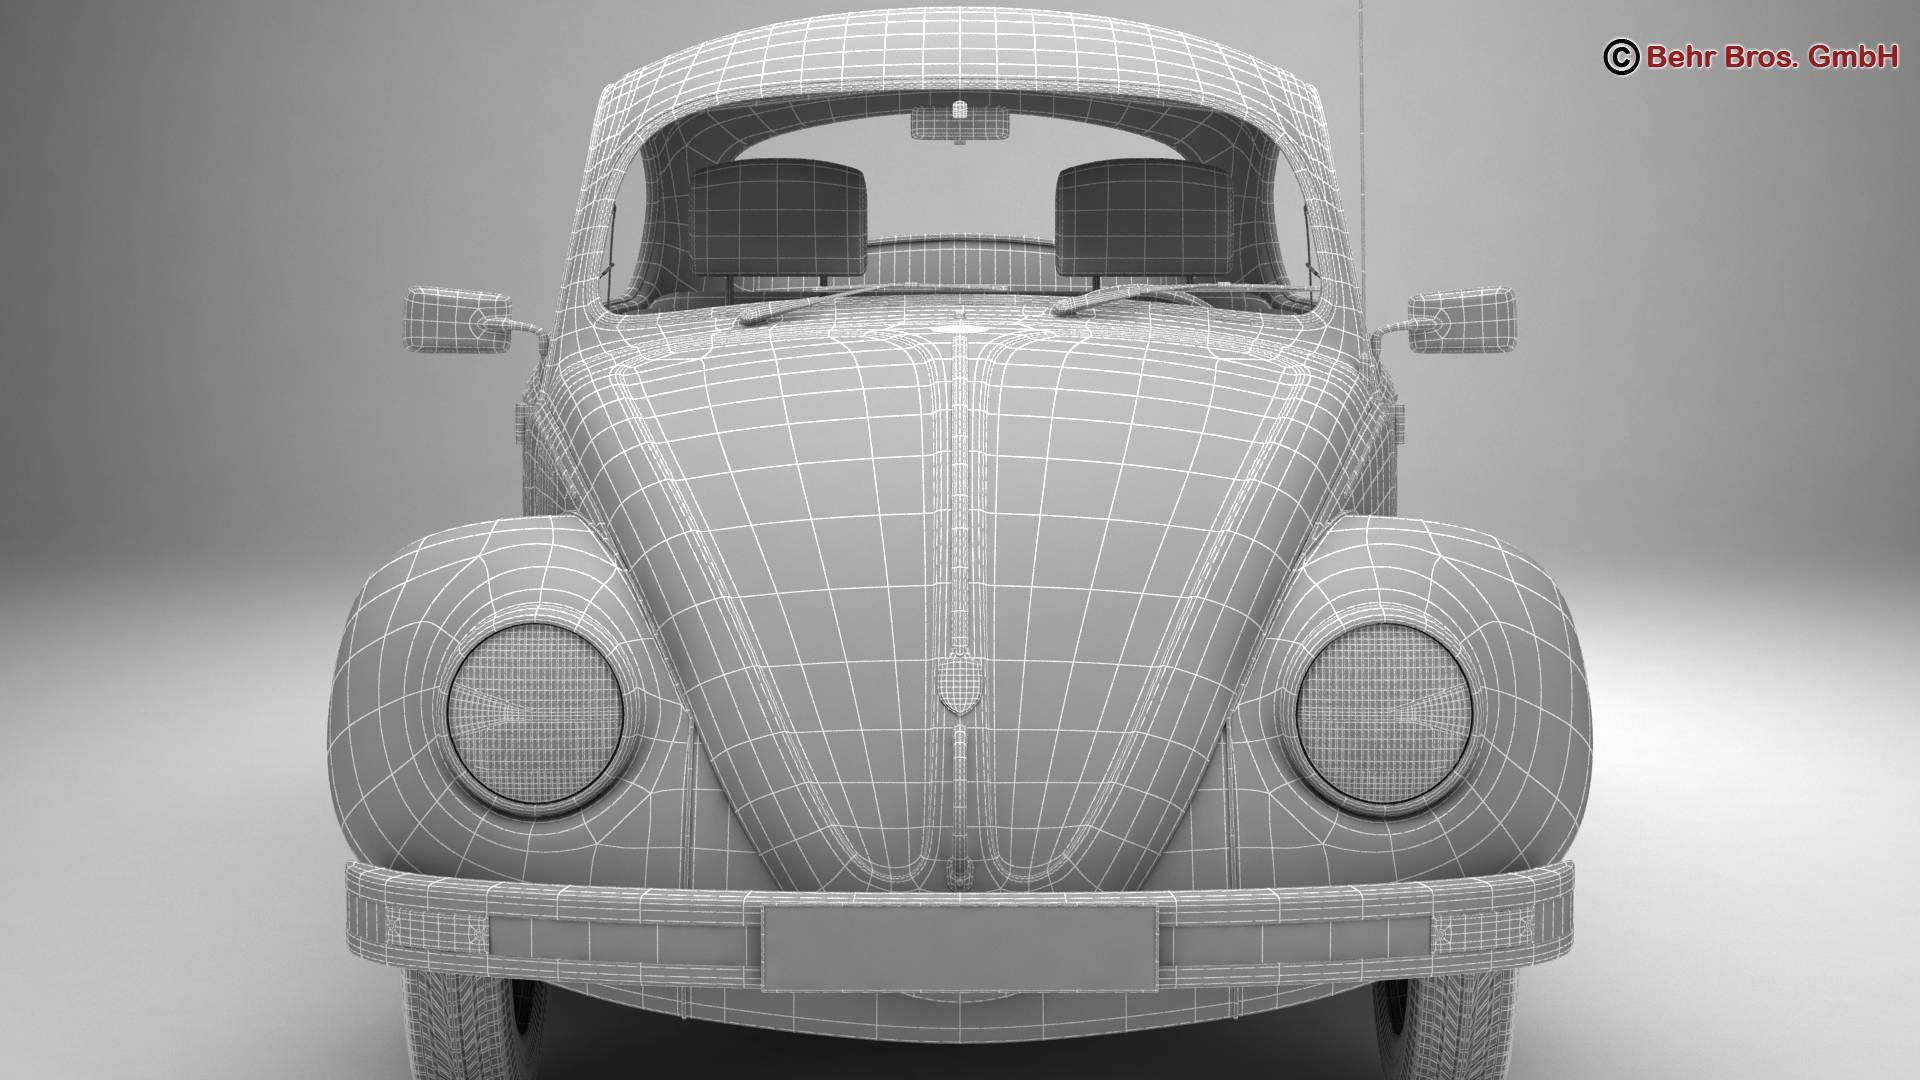 volkswagen beetle 2003 ultima edicion 3d model 3ds max fbx c4d lwo ma mb obj 220898